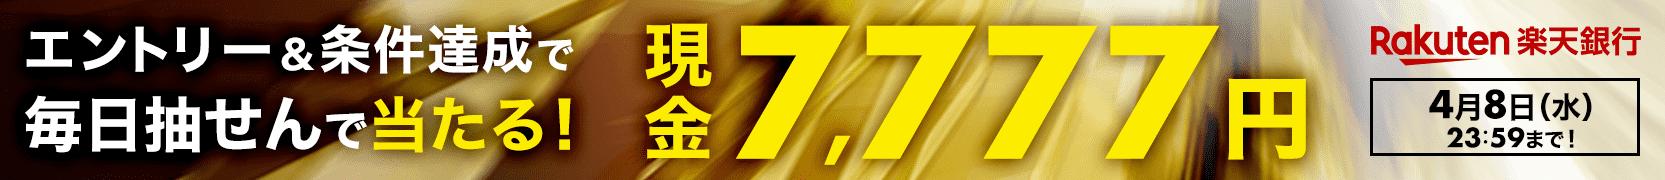 【楽天銀行】エントリー&条件達成すると毎日抽せん!7名さまに現金7,777円プレゼント!(3月27日~4月8日)